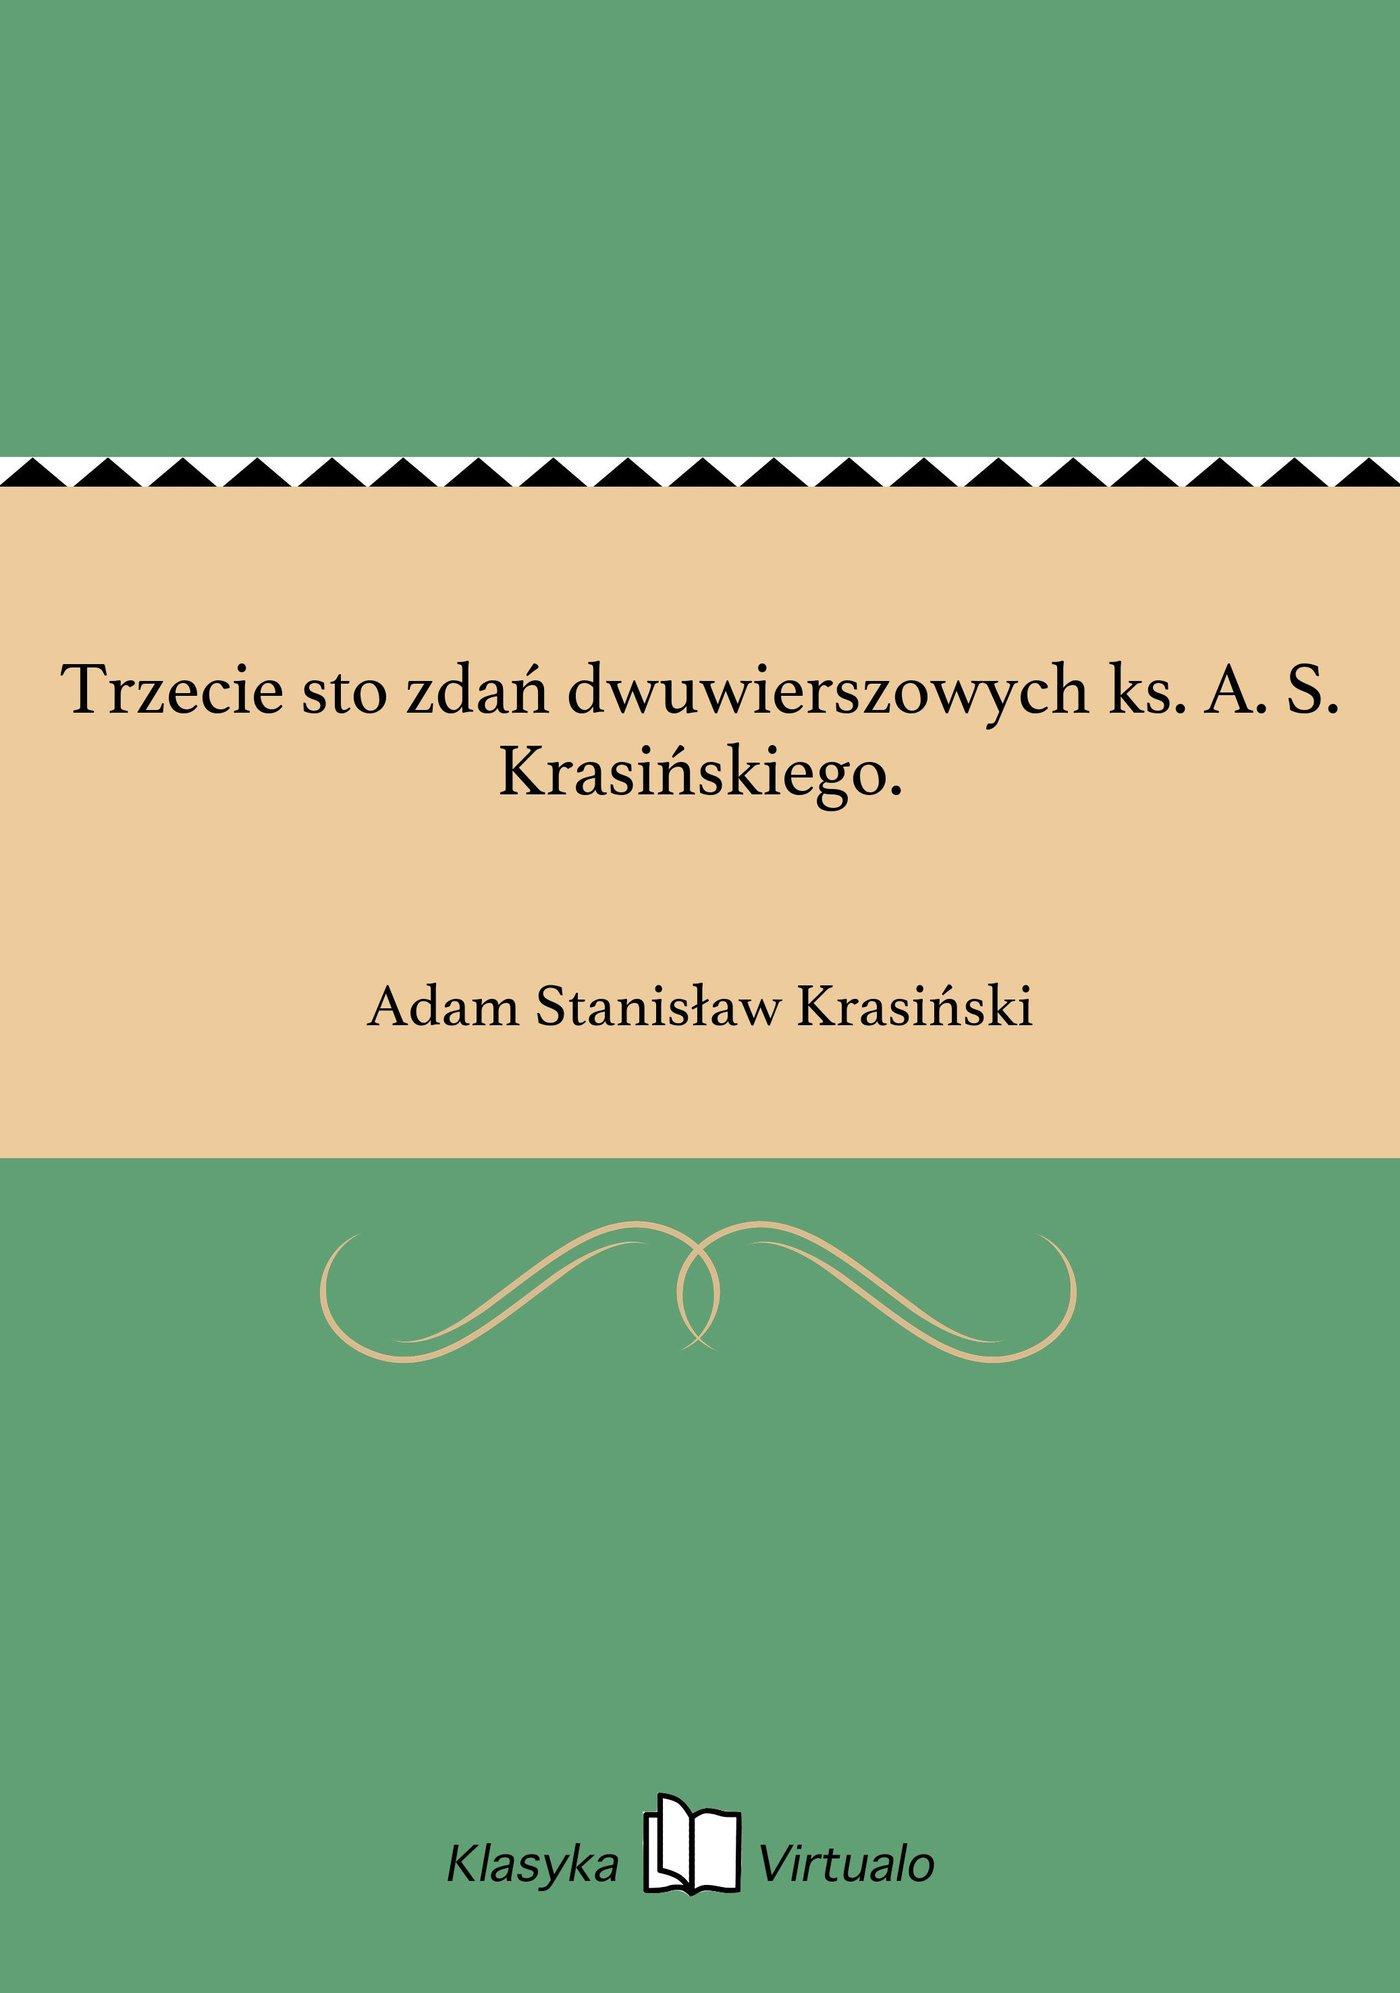 Trzecie sto zdań dwuwierszowych ks. A. S. Krasińskiego. - Ebook (Książka na Kindle) do pobrania w formacie MOBI